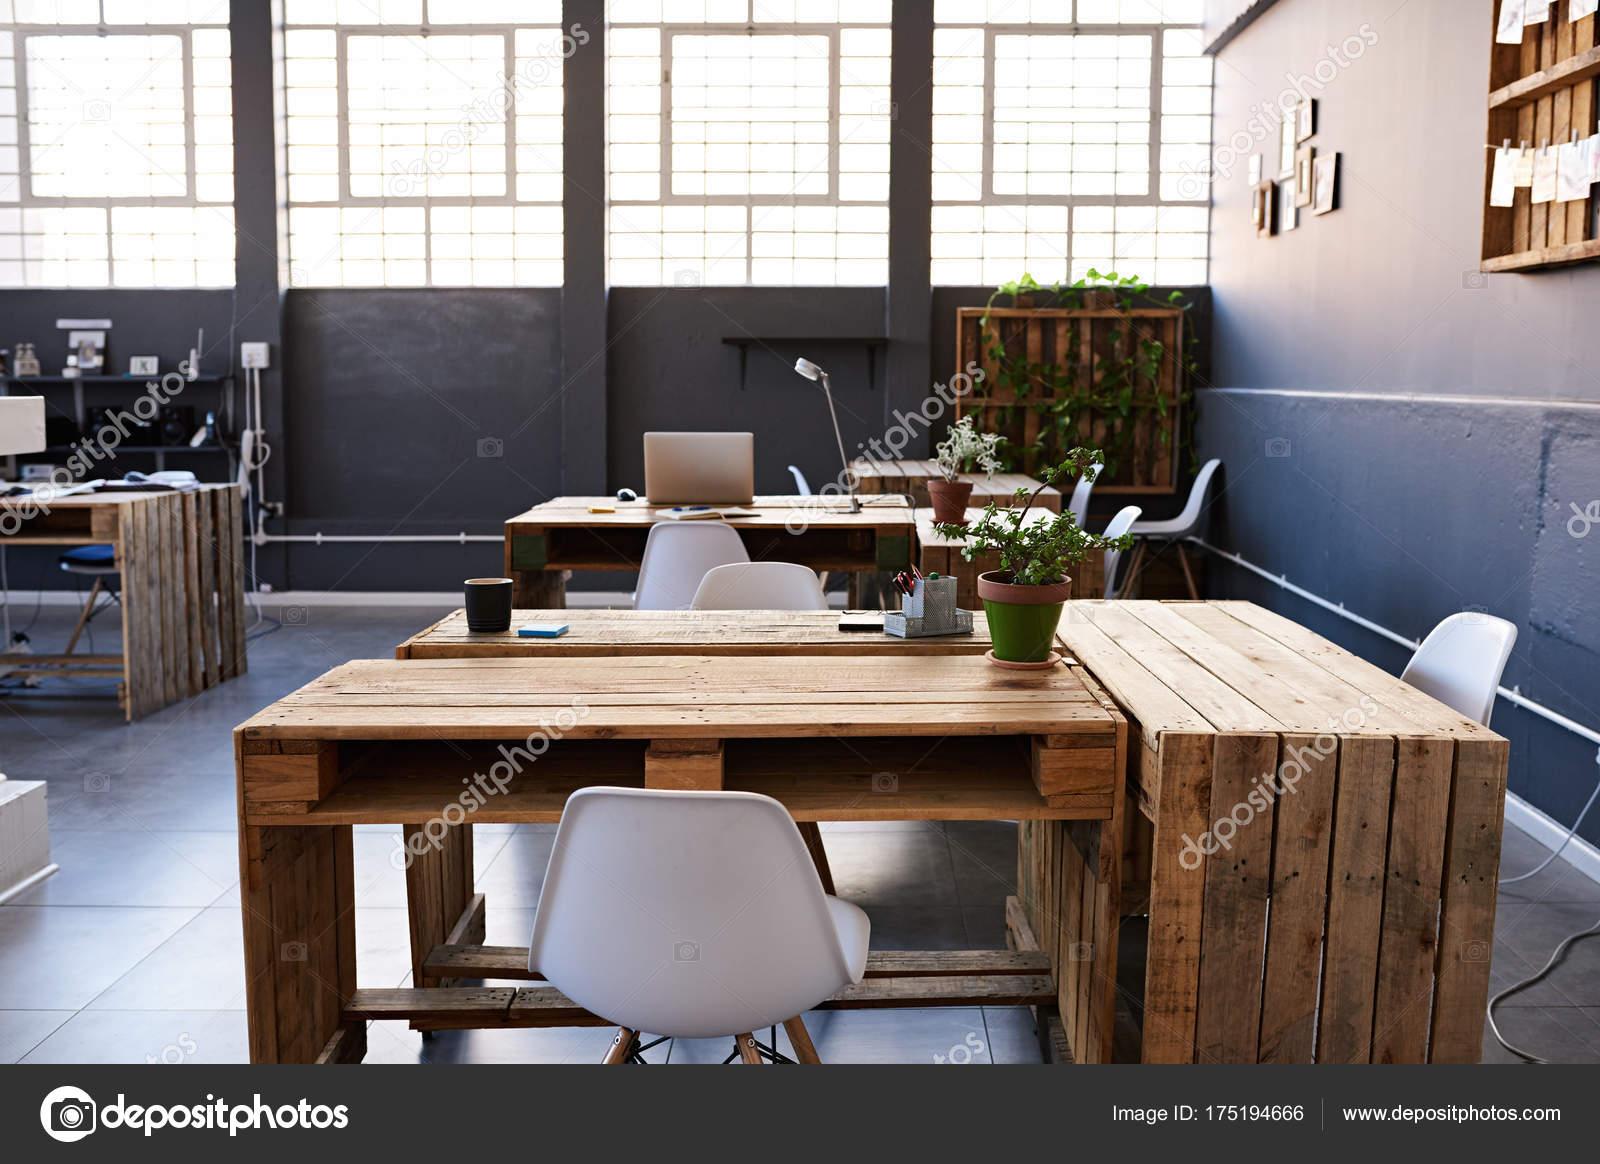 Foto Ufficio Moderno : Interno di un ufficio moderno u2014 foto stock © mavoimages #175194666